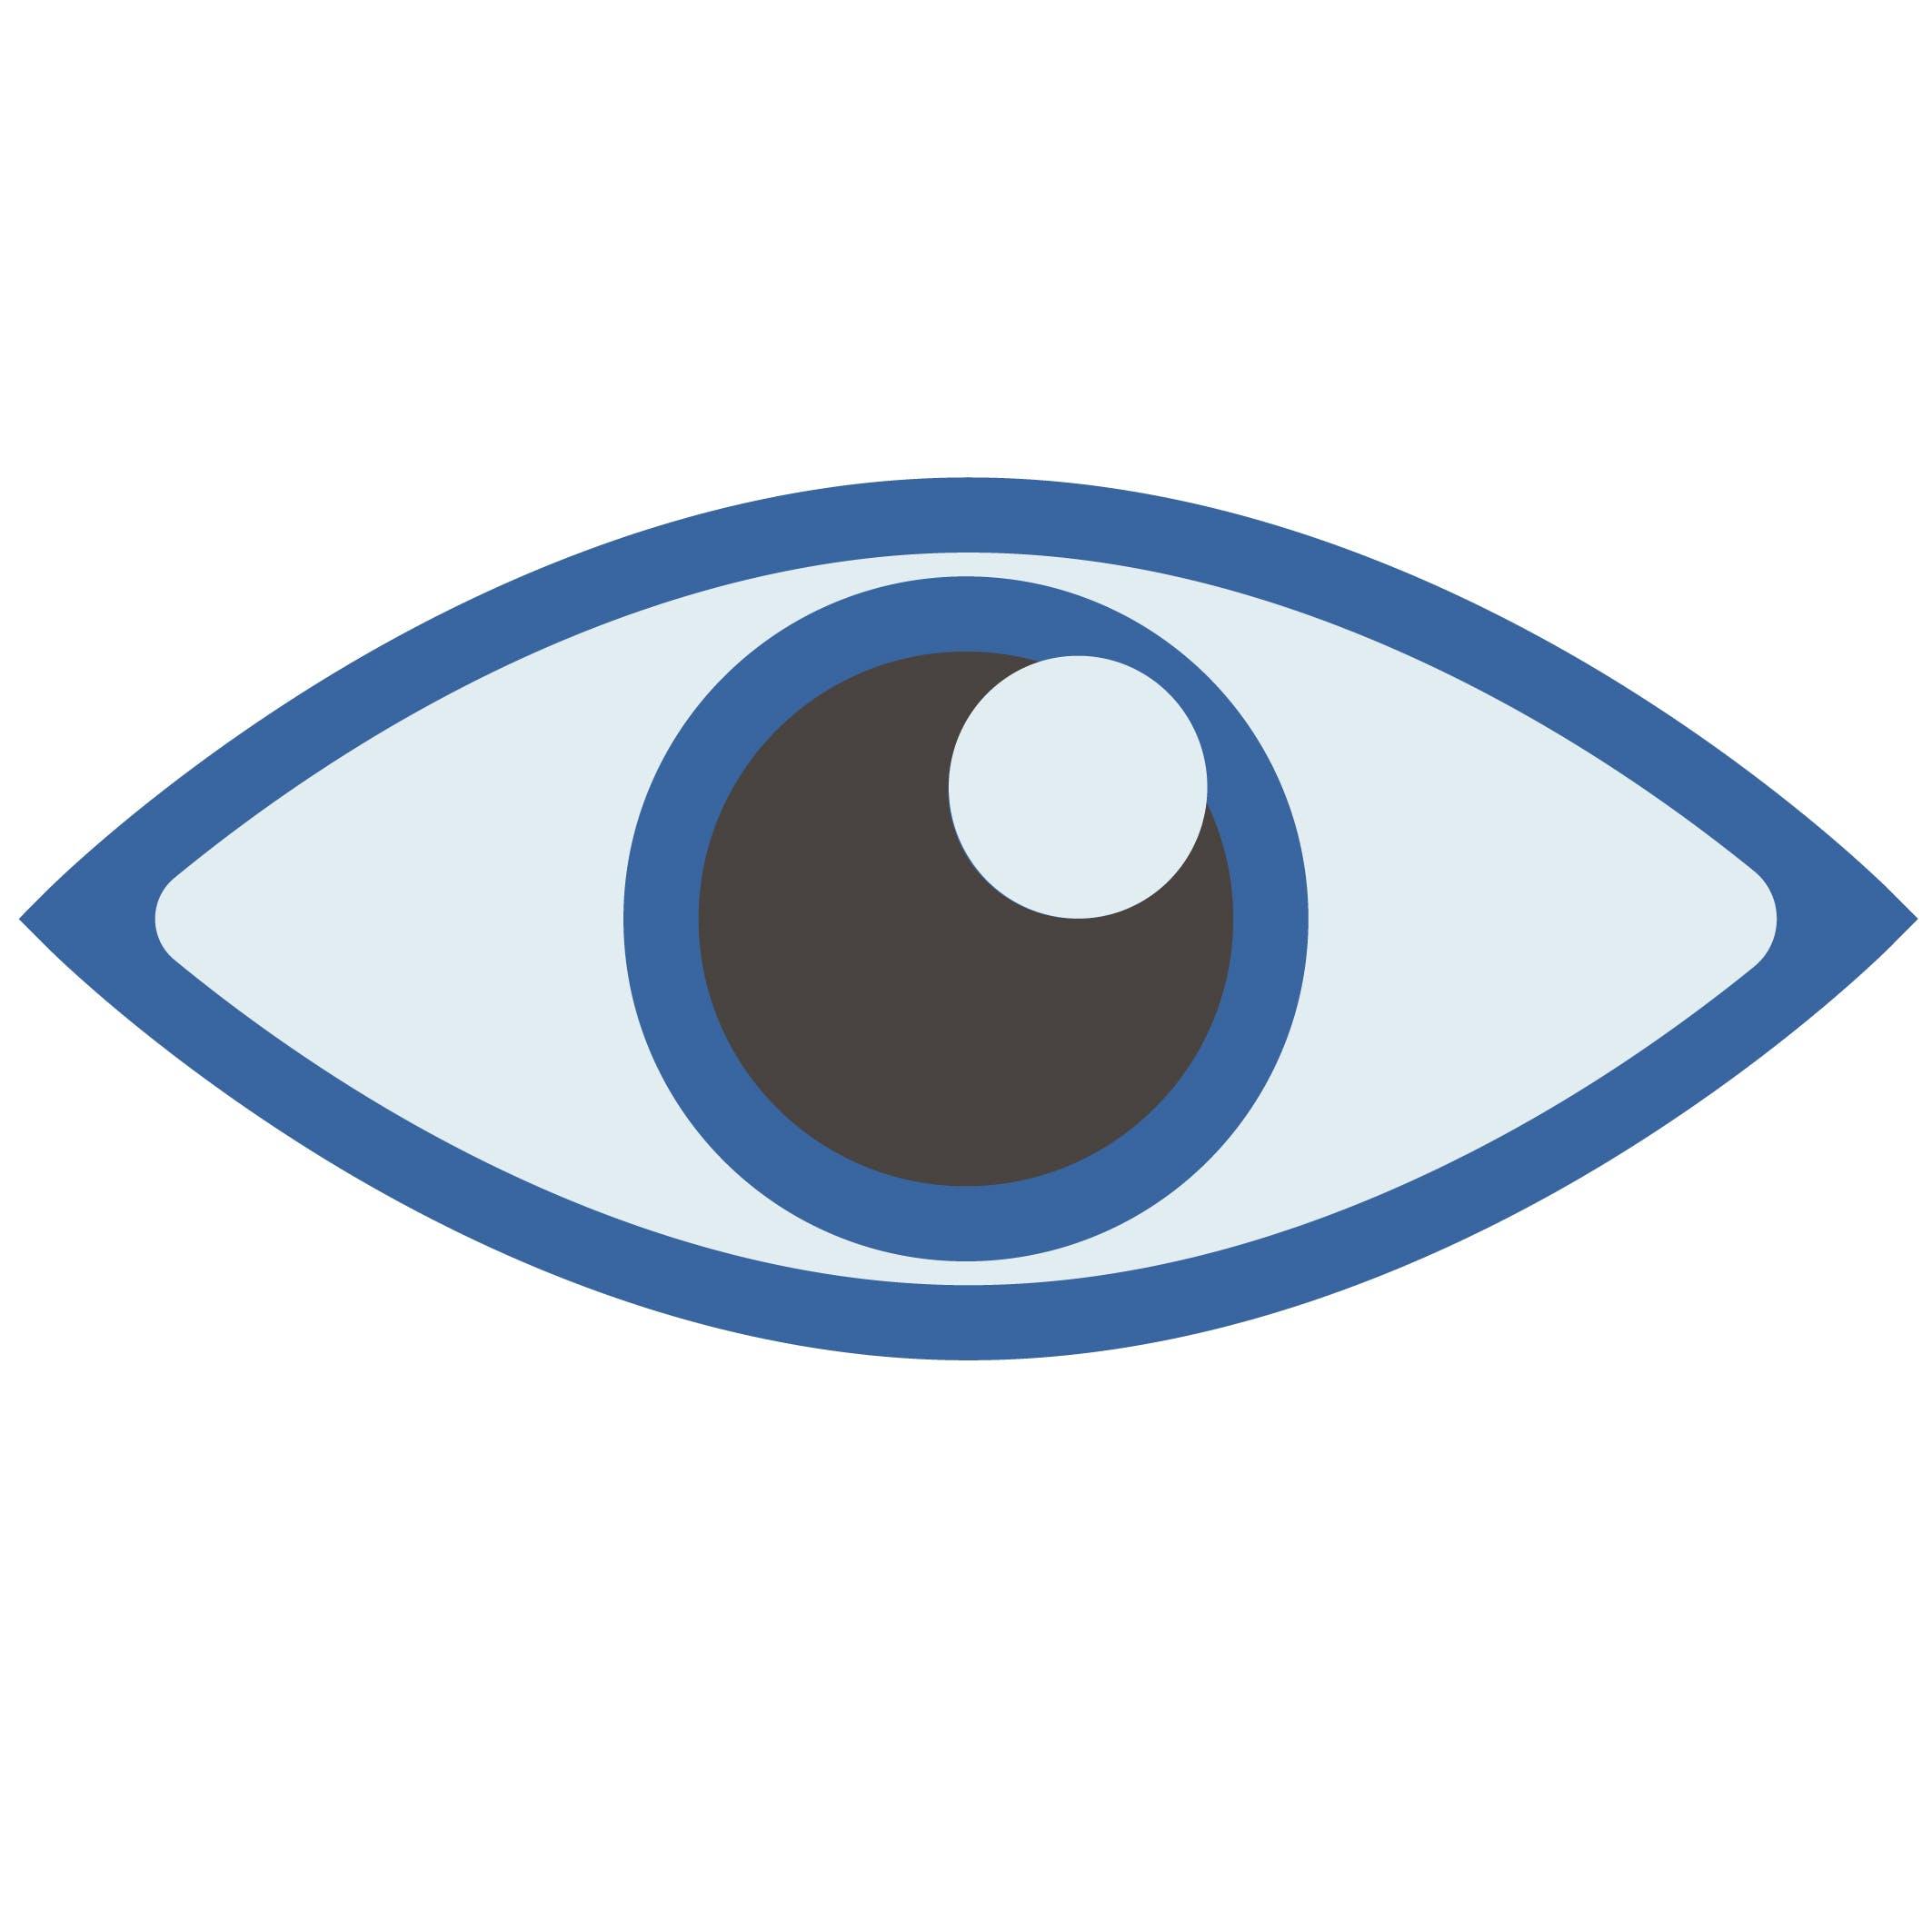 Lupus Organschäden Auge